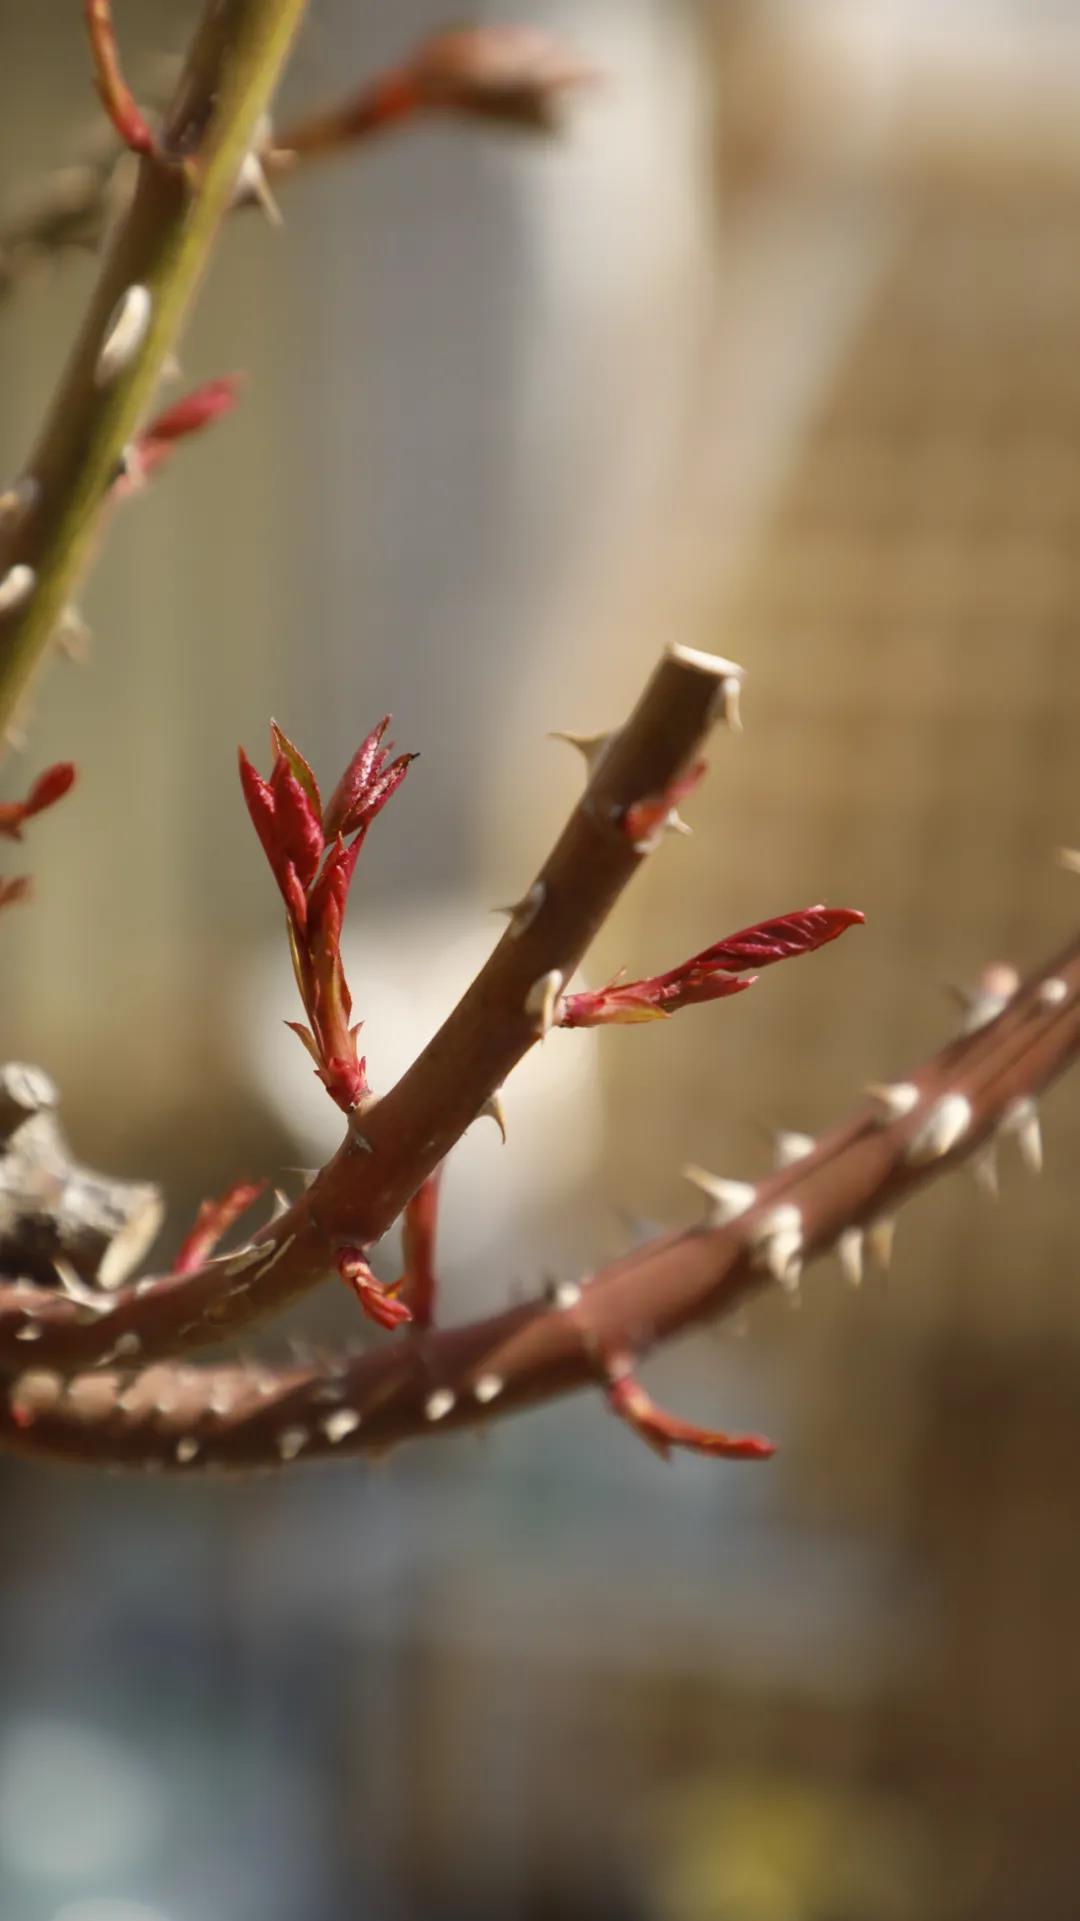 春季月季抹芽详细指南